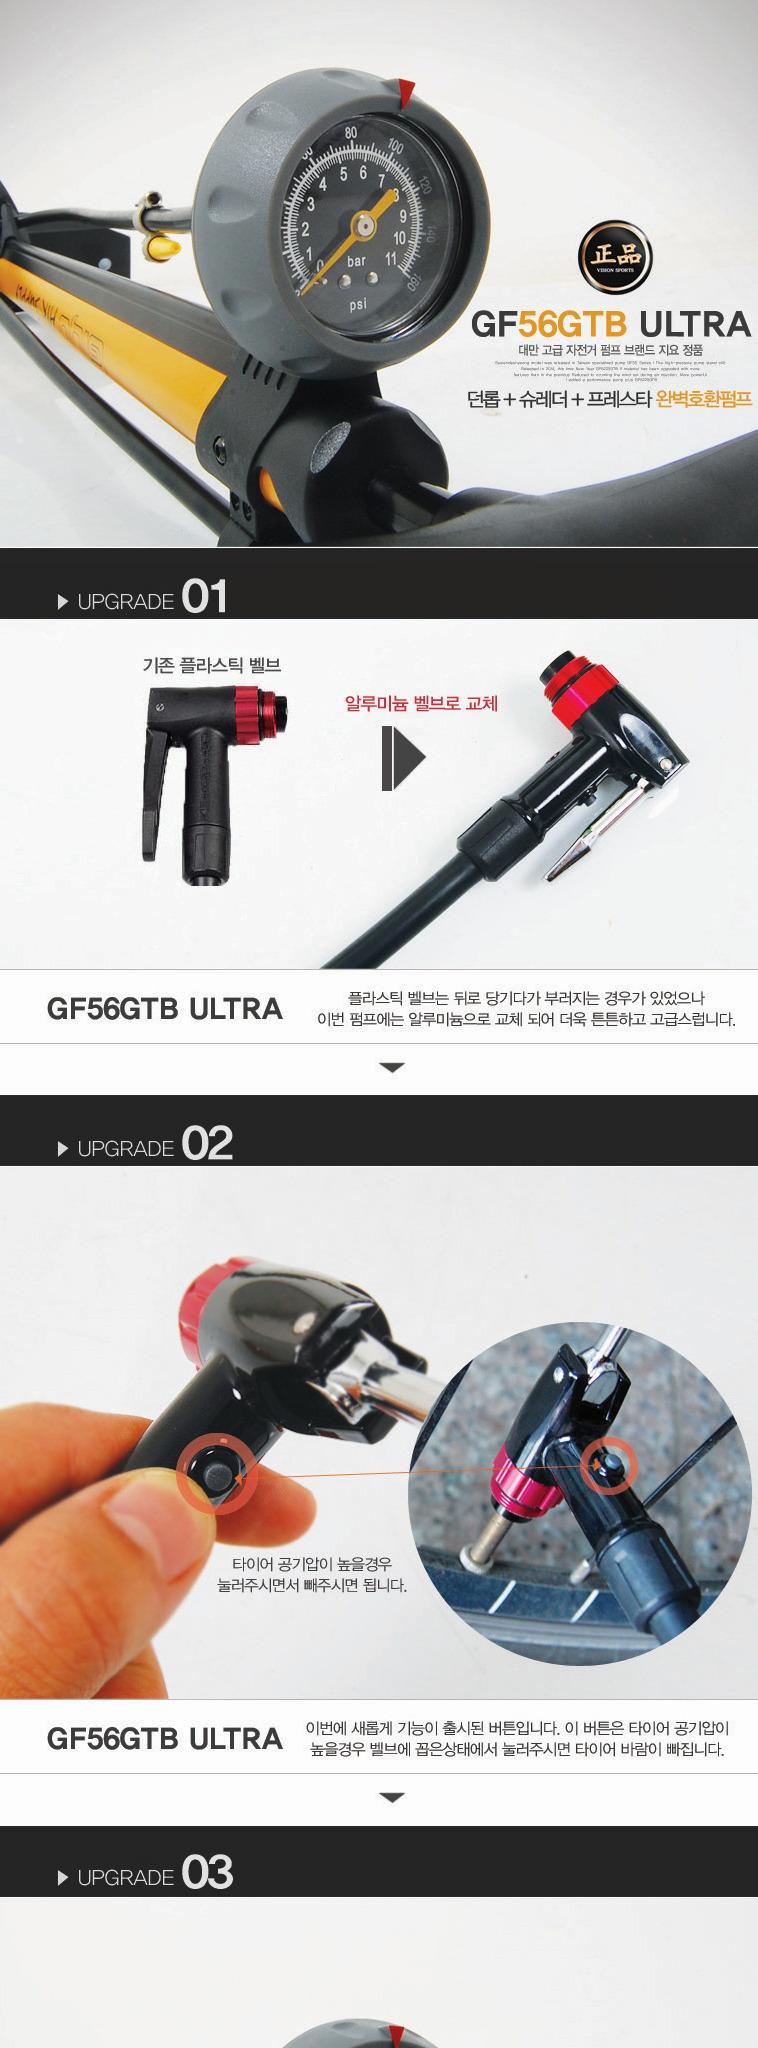 지요 GF-56GTB 울트라 자전거펌프 - 상세정보